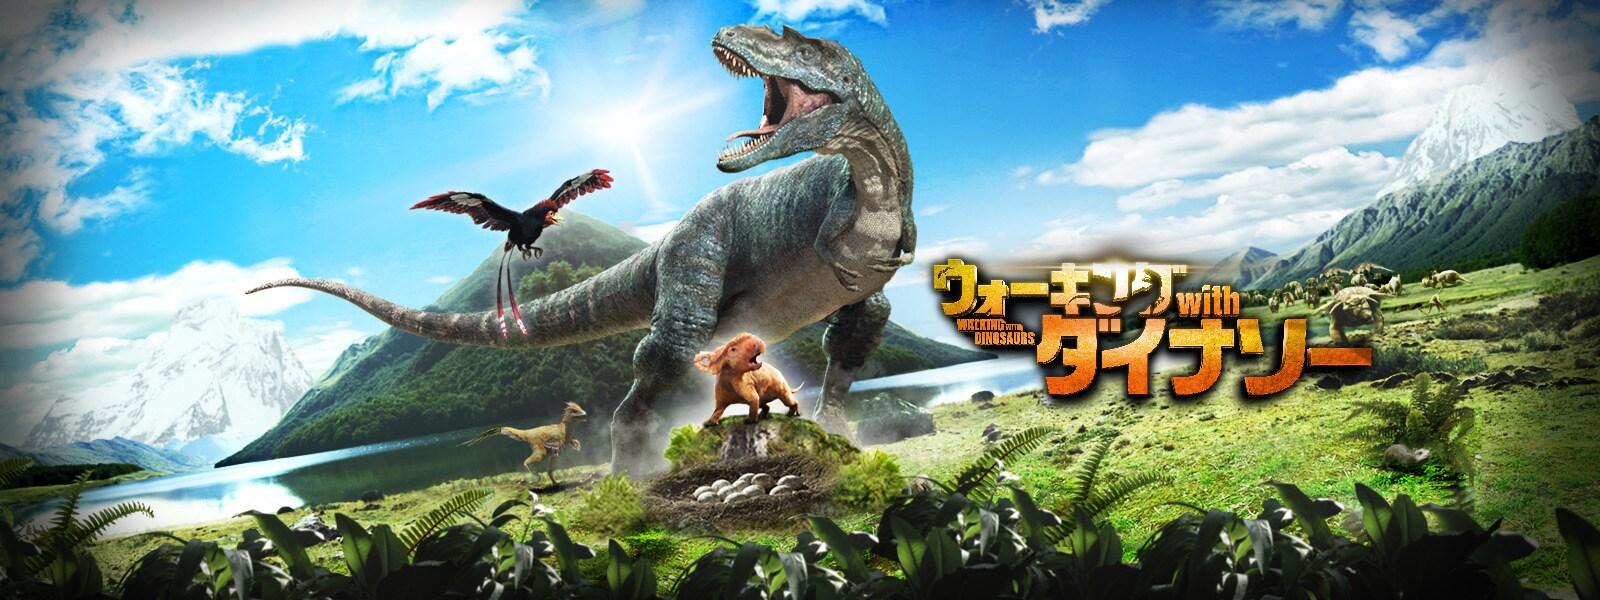 ウォーキング with ダイナソー|Walking with Dinosaurs Hero Object